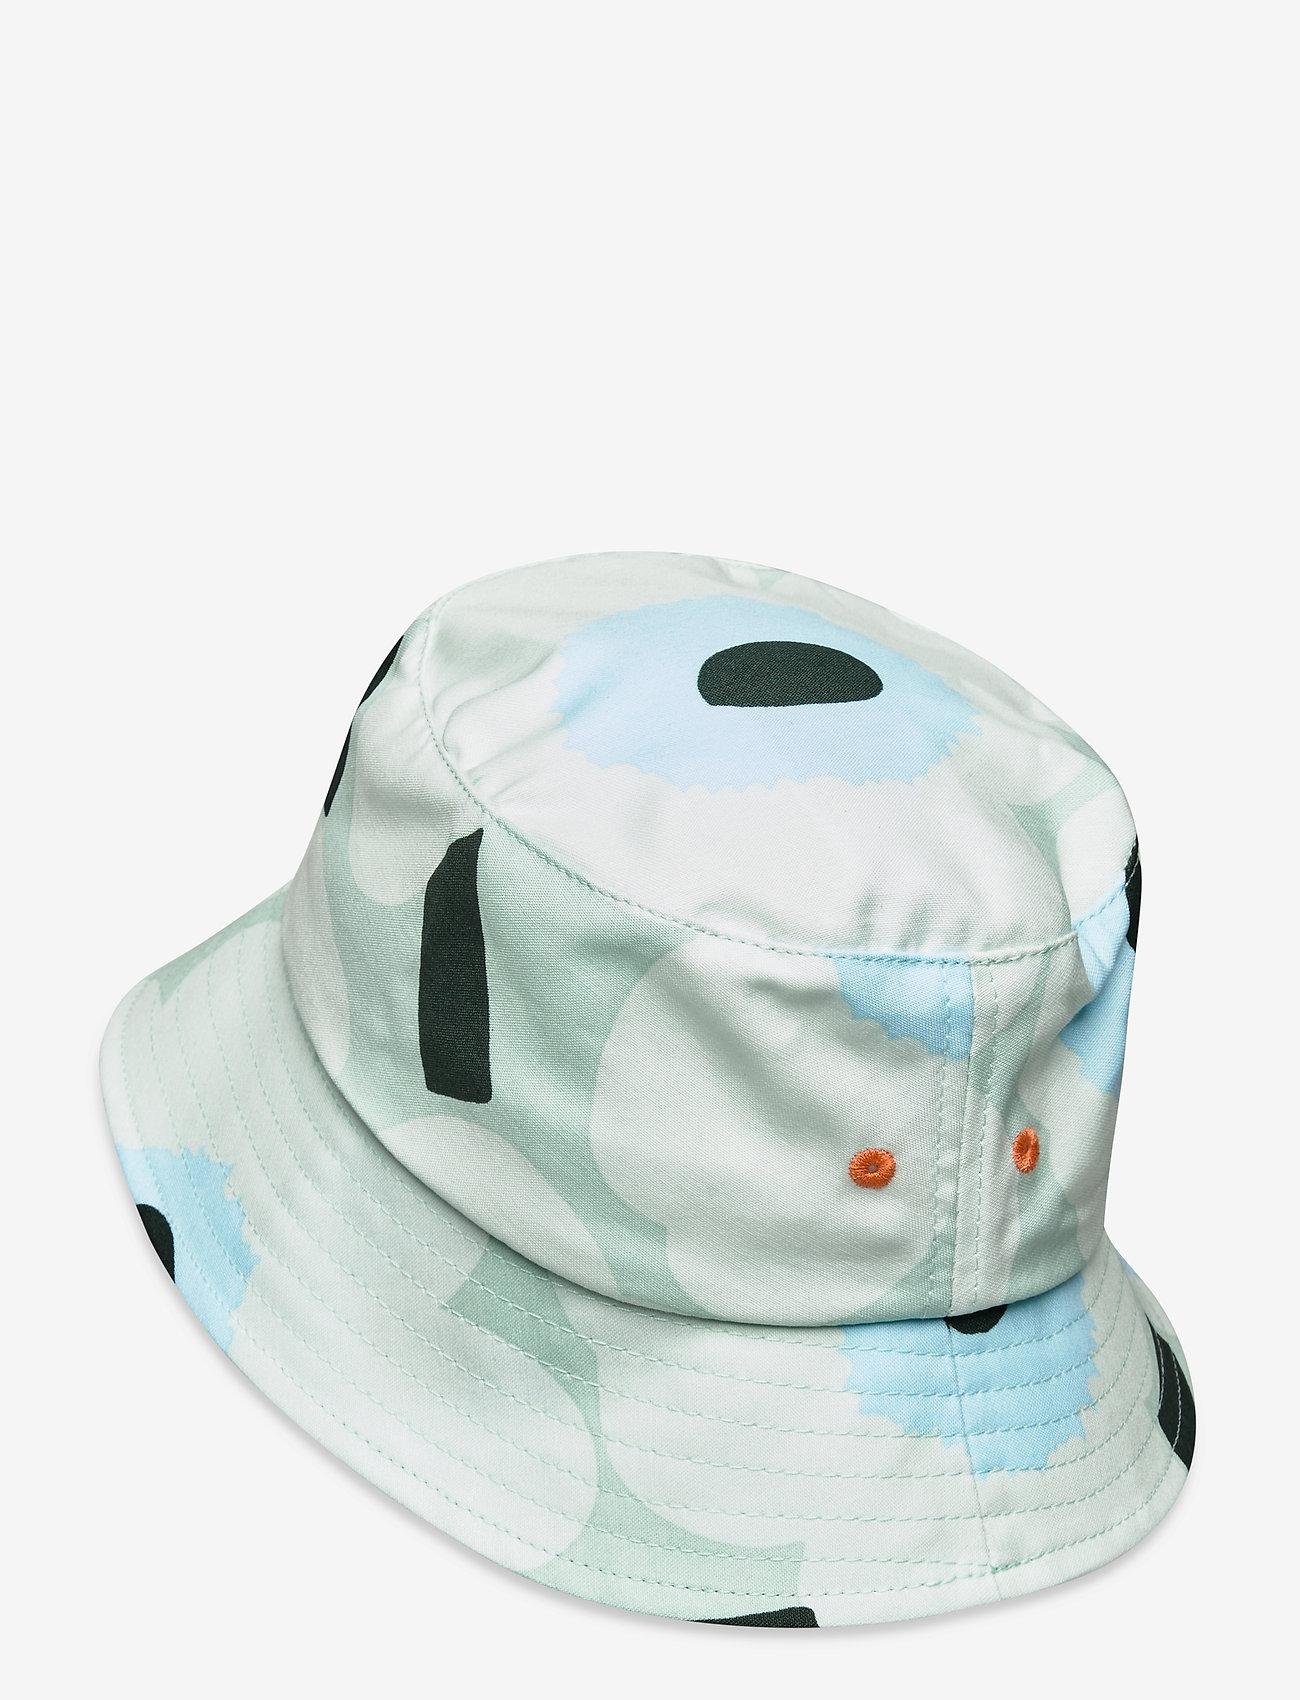 Marimekko - OLEMA PIENI UNIKKO BUCKET HAT - bøllehatte - light turquoise,blue,green - 1